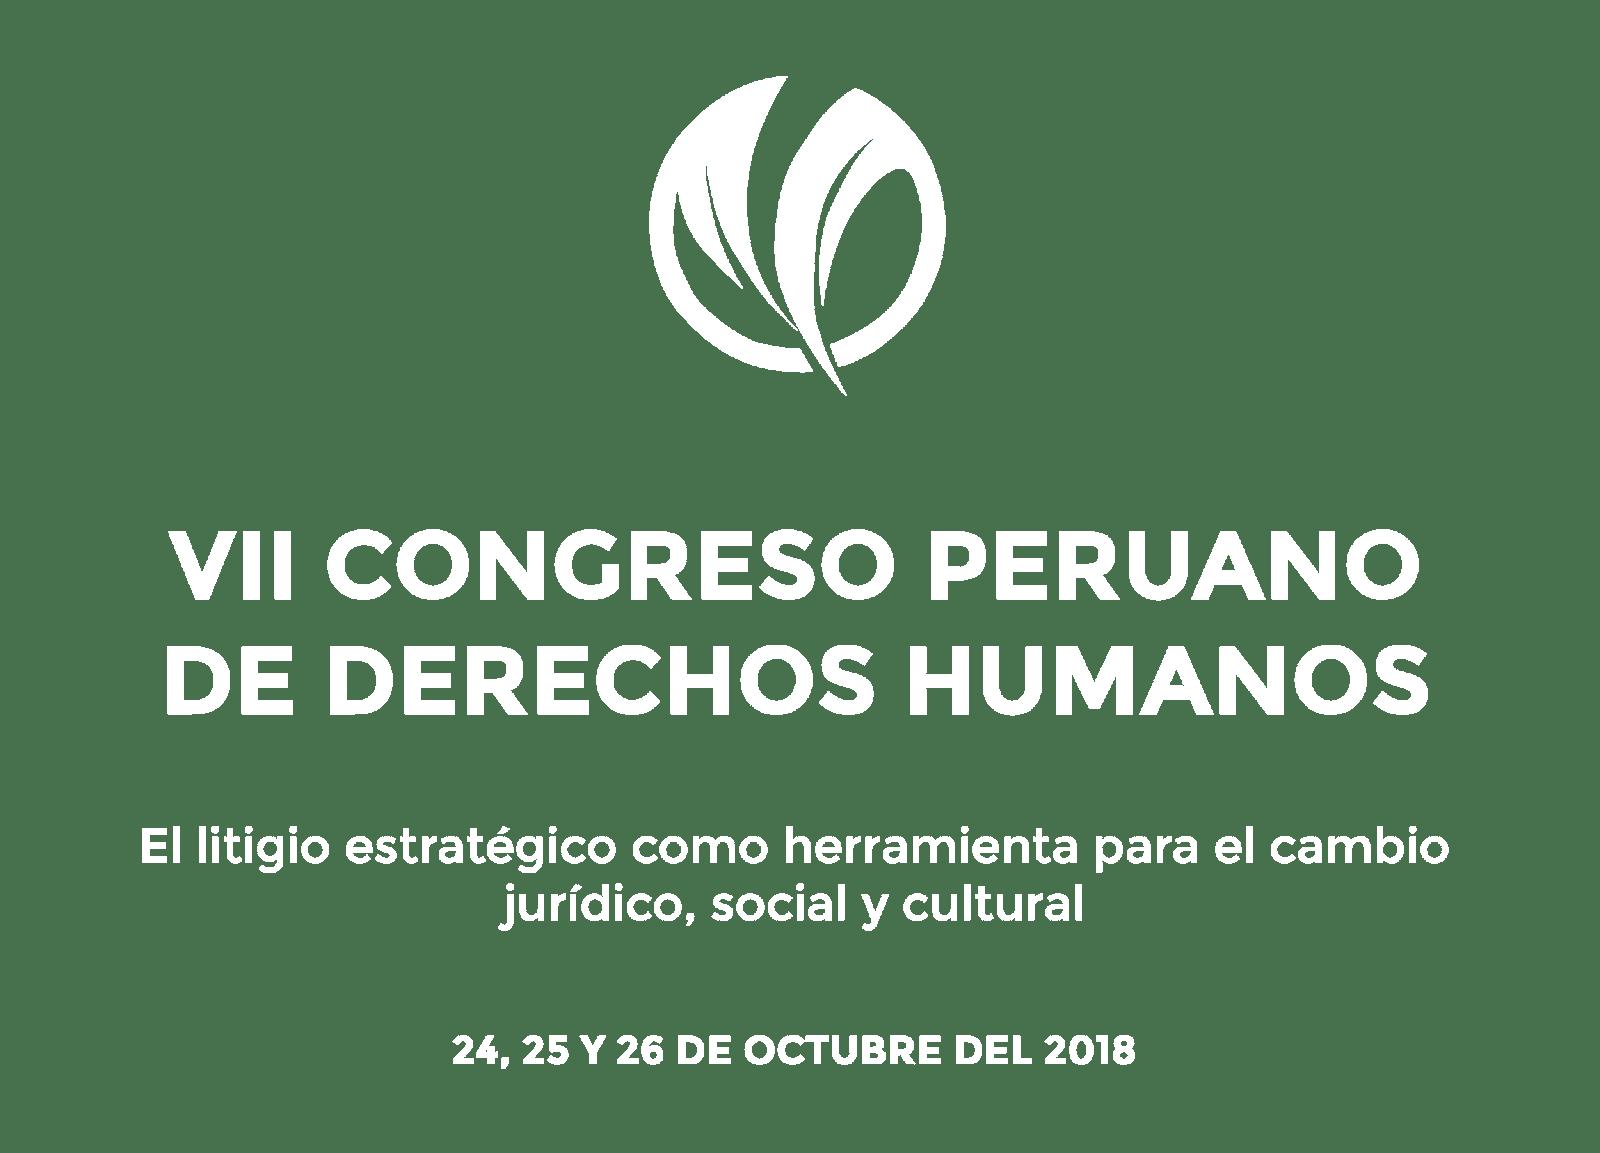 VII Congreso Peruano de Derechos Humanos